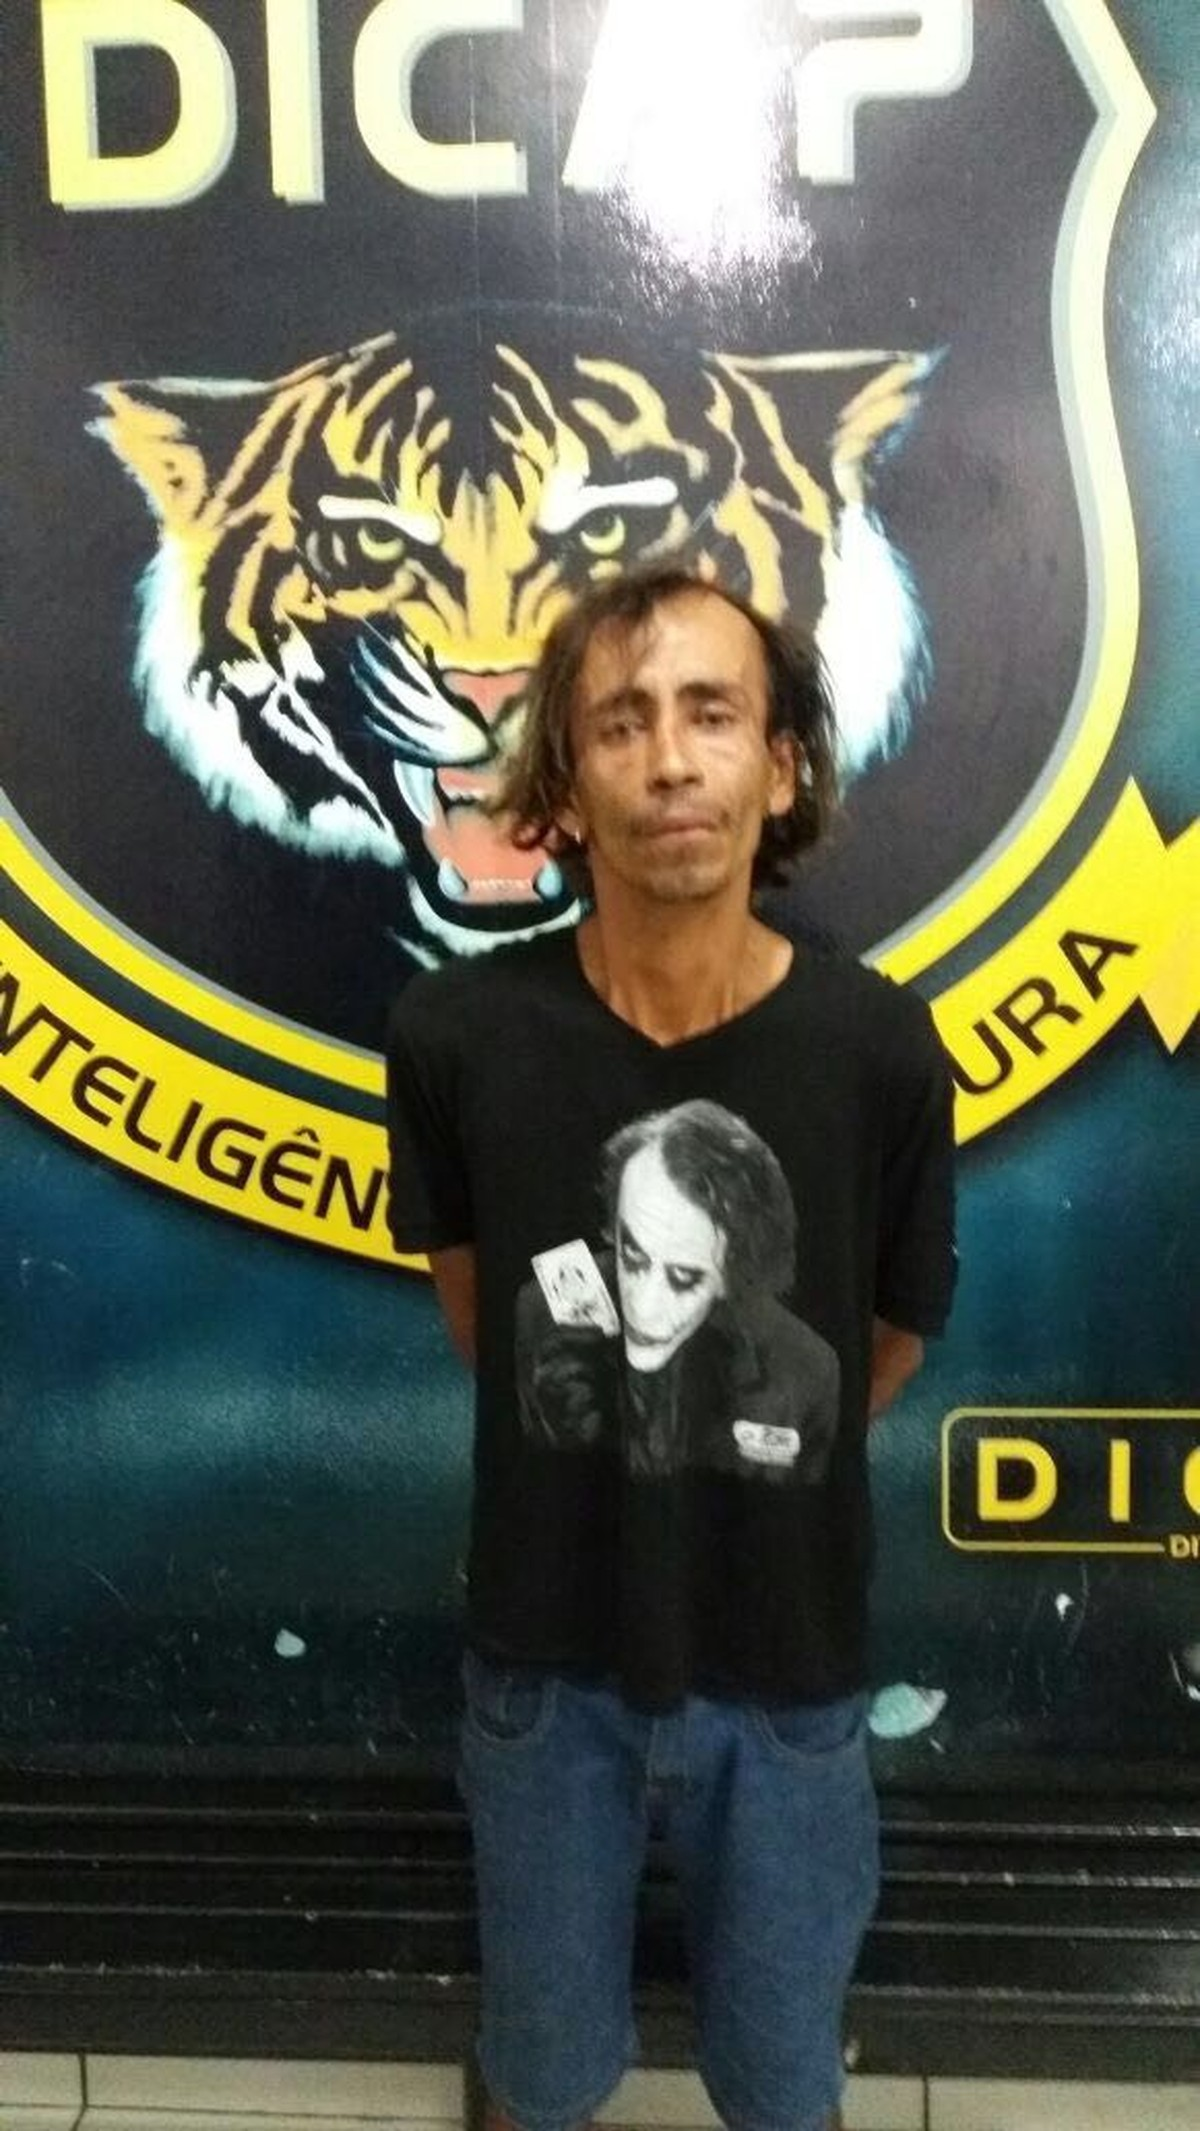 Albergado condenado por tráfico de drogas e furto é preso com trouxinhas de maconha em Boa Vista